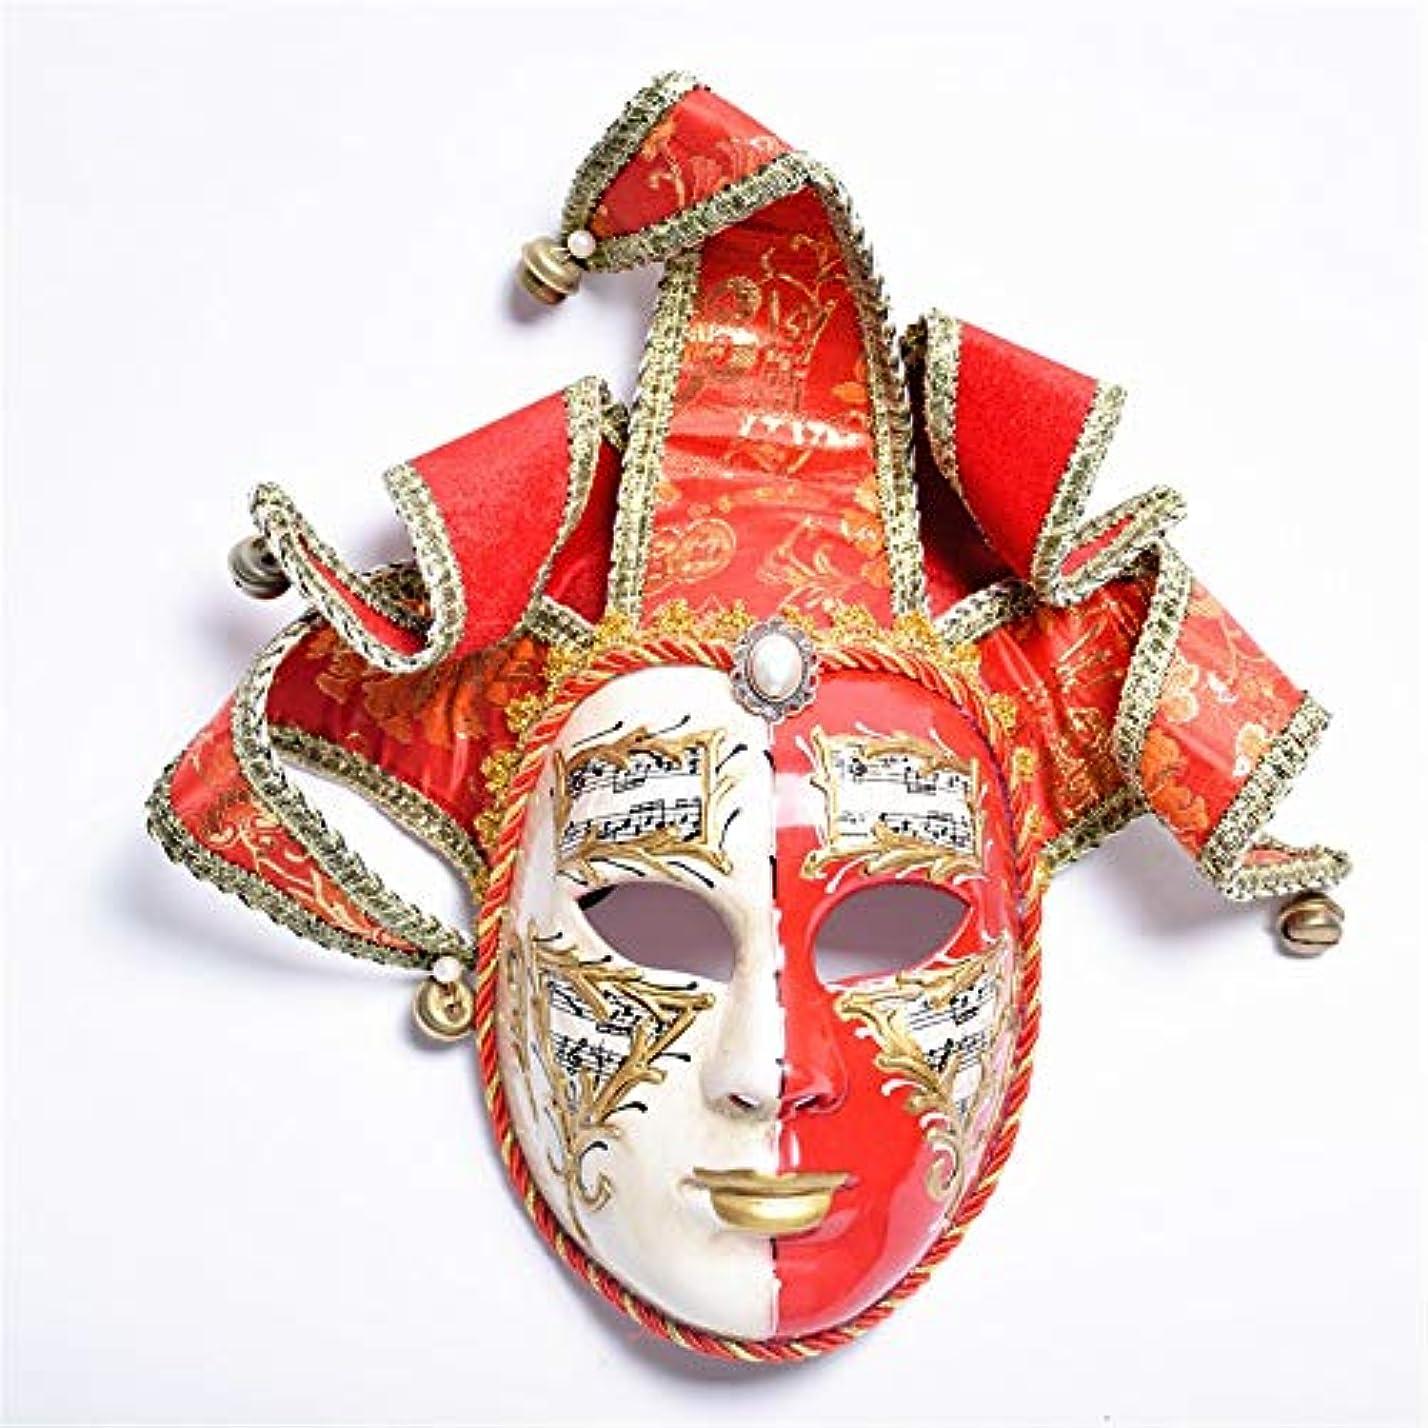 シプリーじゃがいも証明ダンスマスク レッドゴールドマスク女性仮装パーティーナイトクラブロールプレイング装飾プラスチックマスク ホリデーパーティー用品 (色 : Red+Gold, サイズ : 33x31cm)